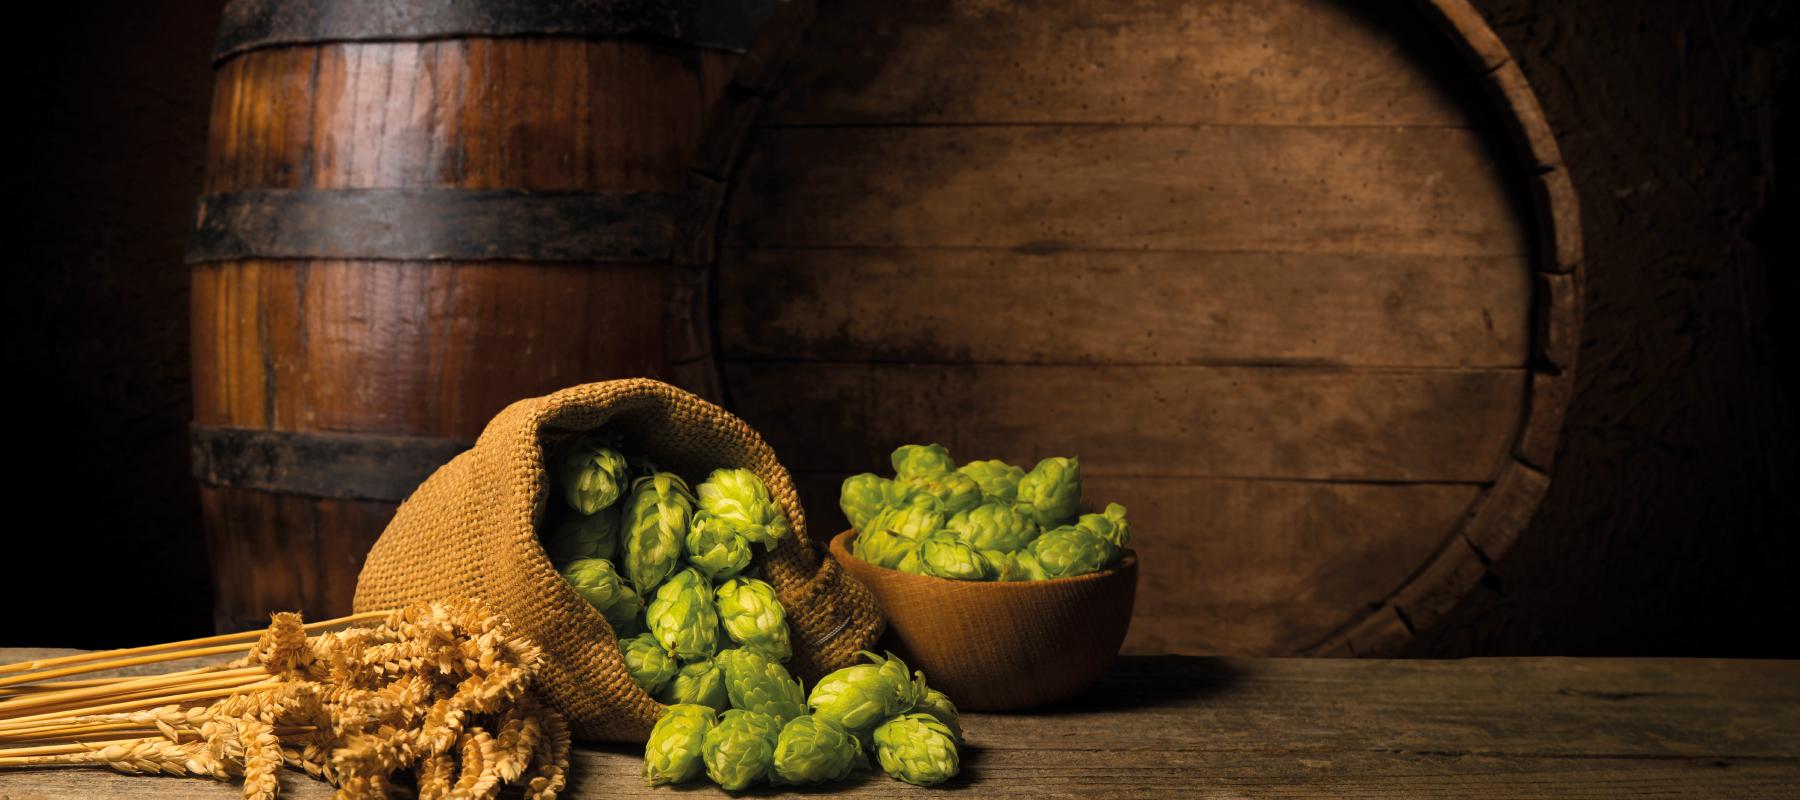 Bier van de maand januari 2021: St. Feuillien Grand Cru